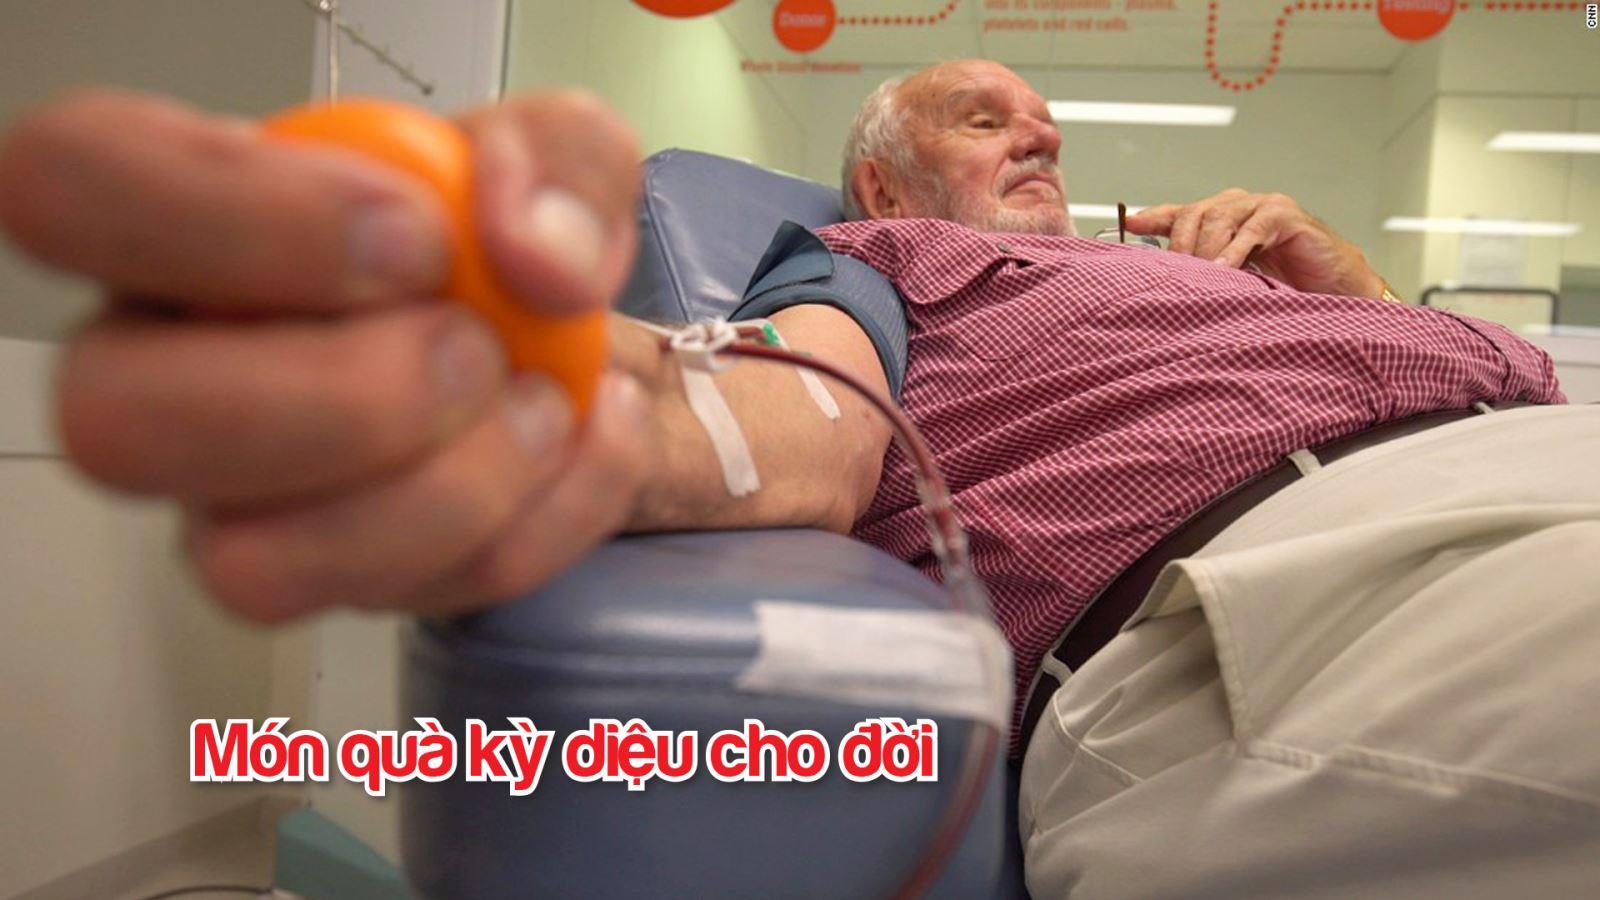 Harrison hiến máu cứu mạng 2,4 triệu đứa trẻ Australia